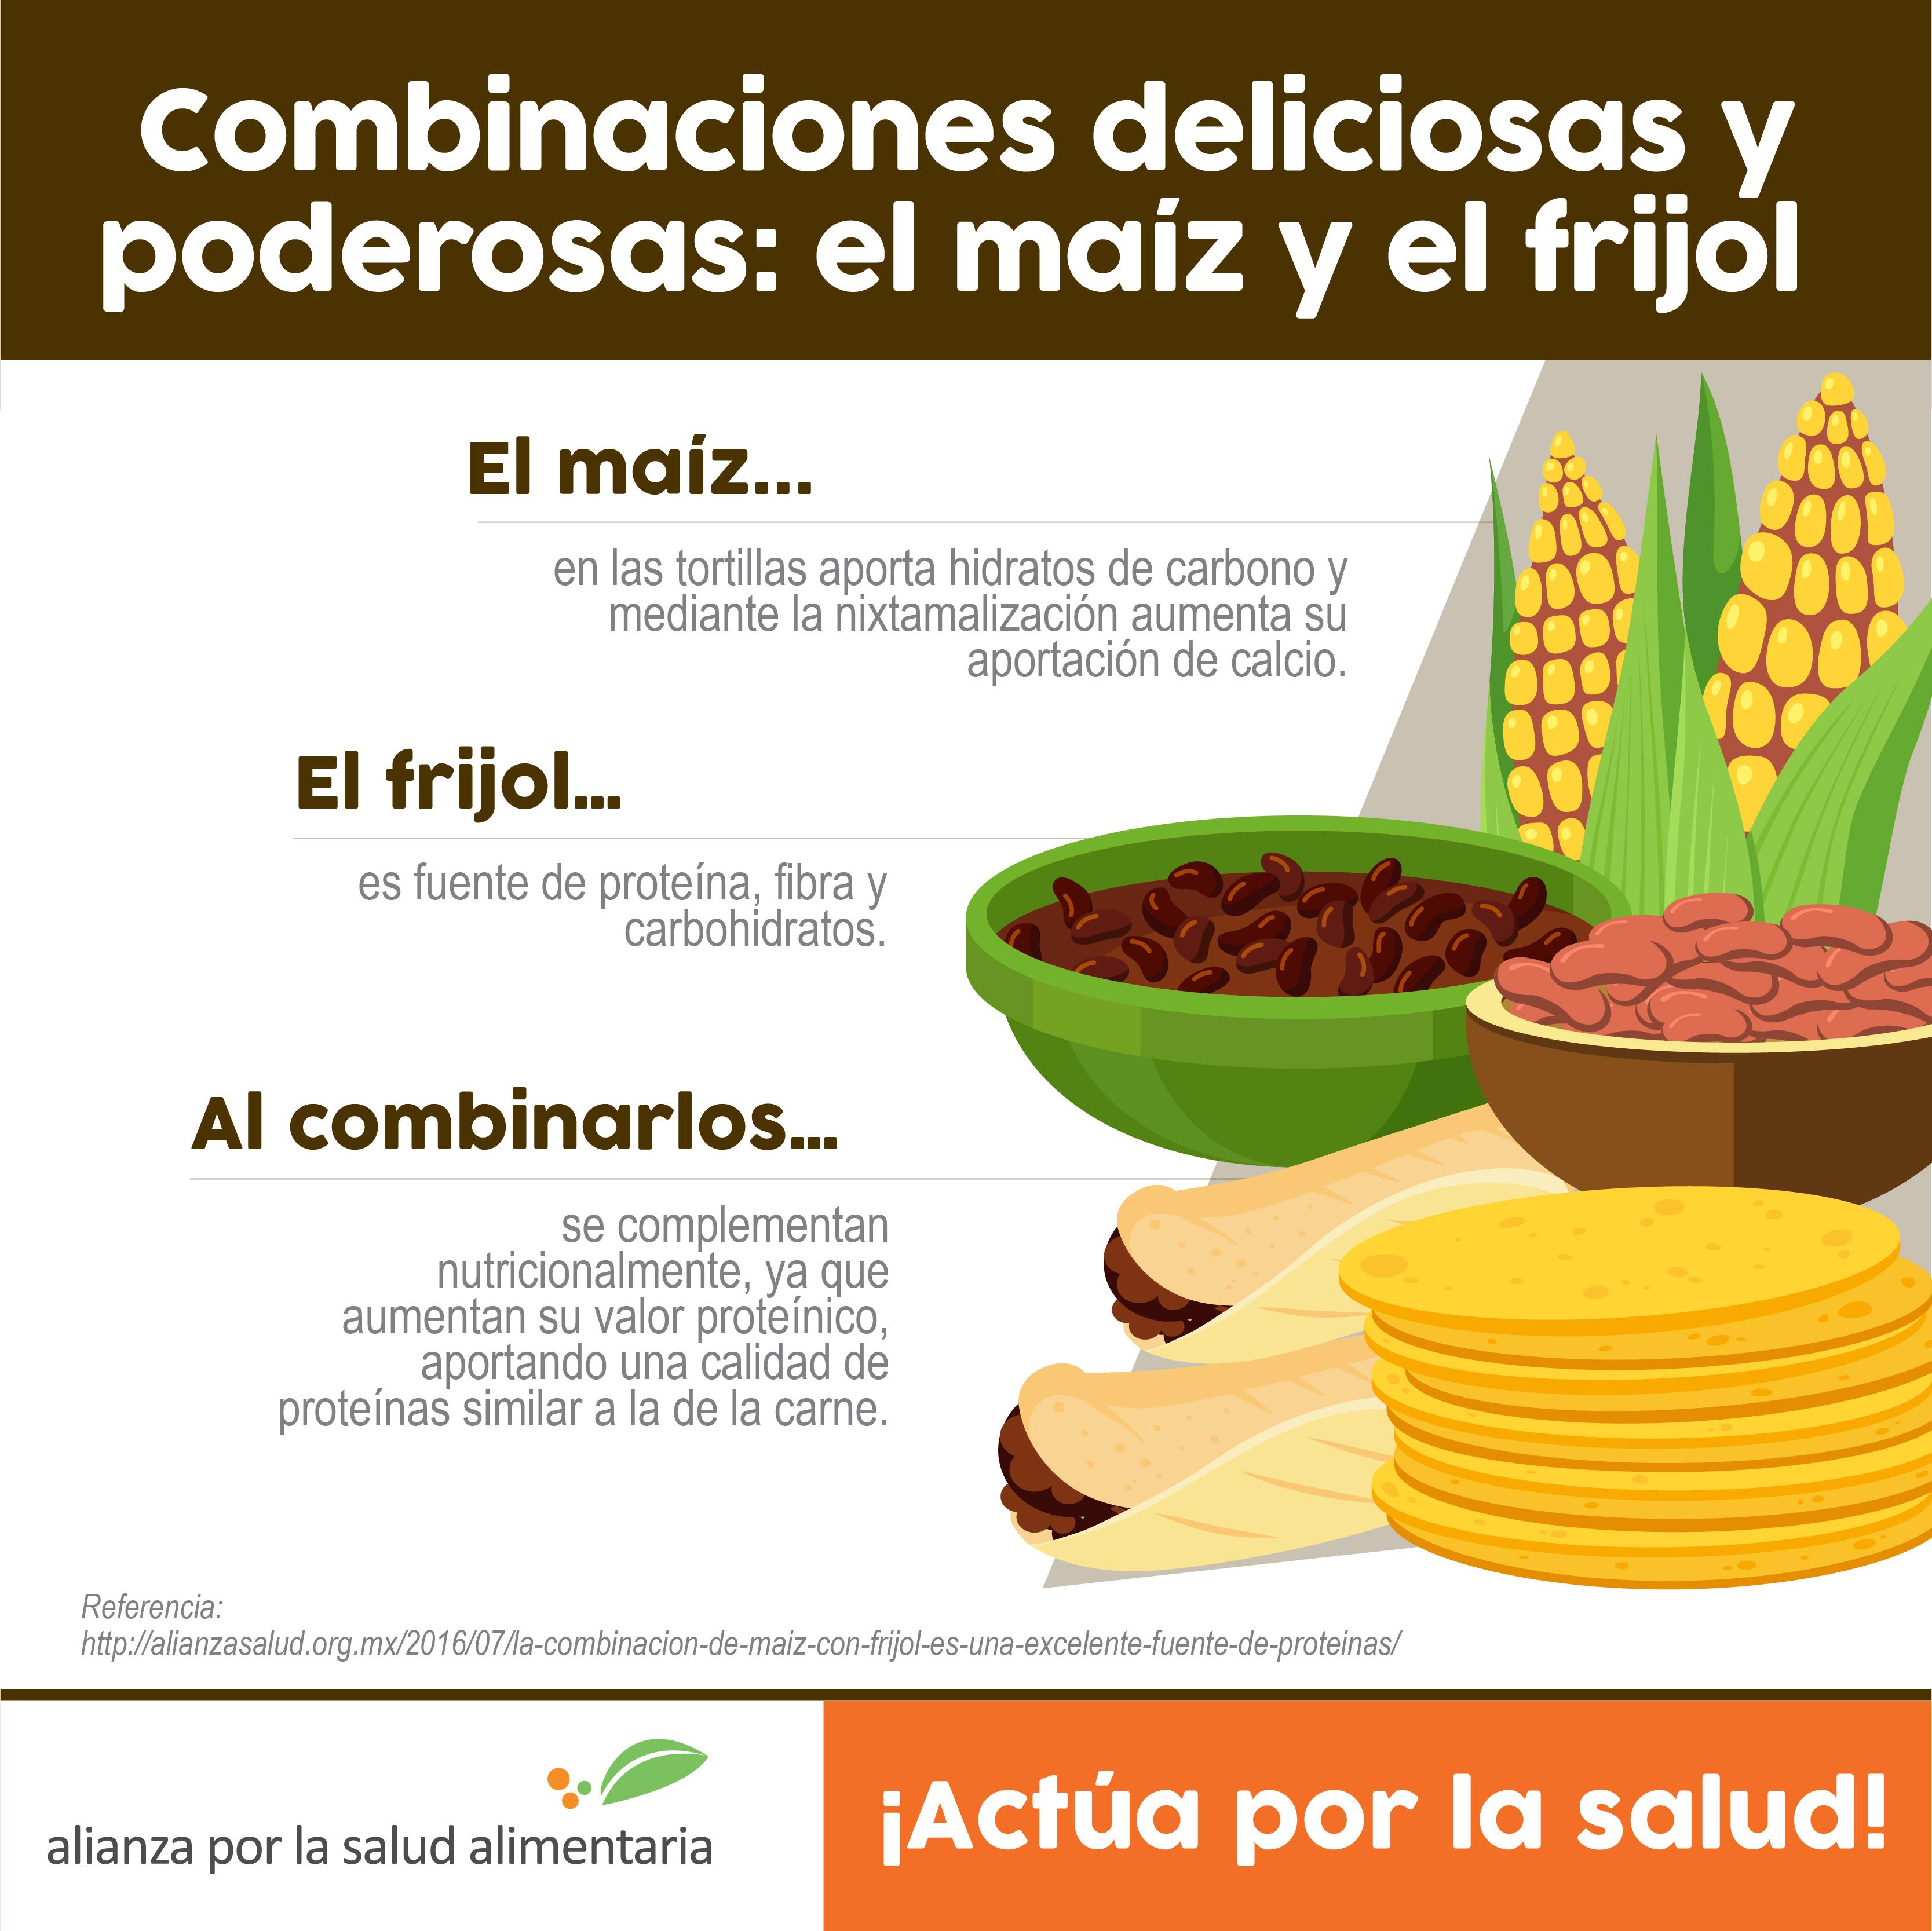 dieta de no combinar carbohidratos con proteinas